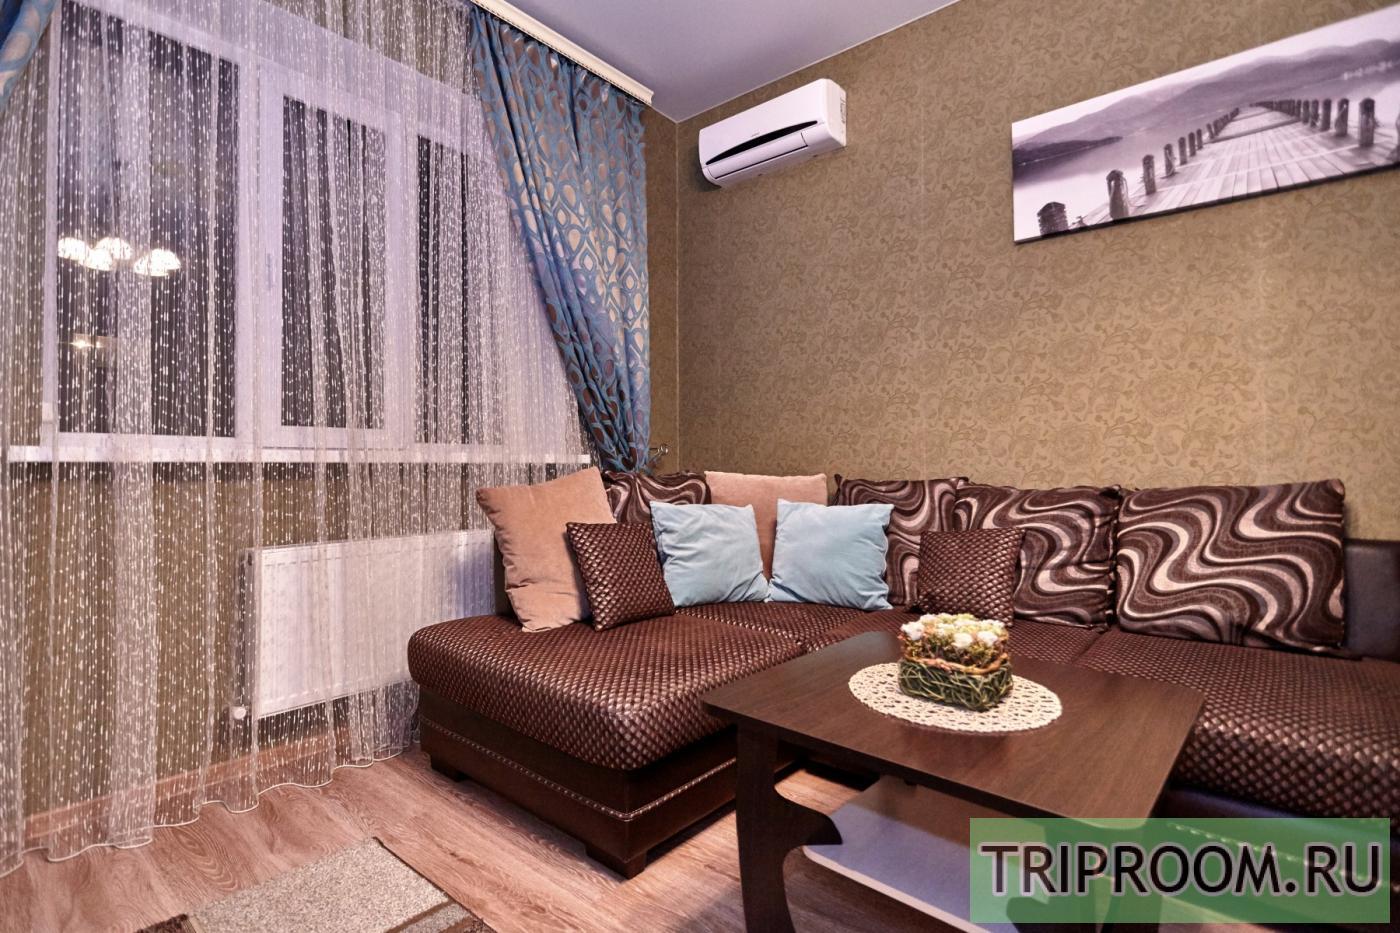 1-комнатная квартира посуточно (вариант № 6859), ул. Кореновская улица, фото № 3